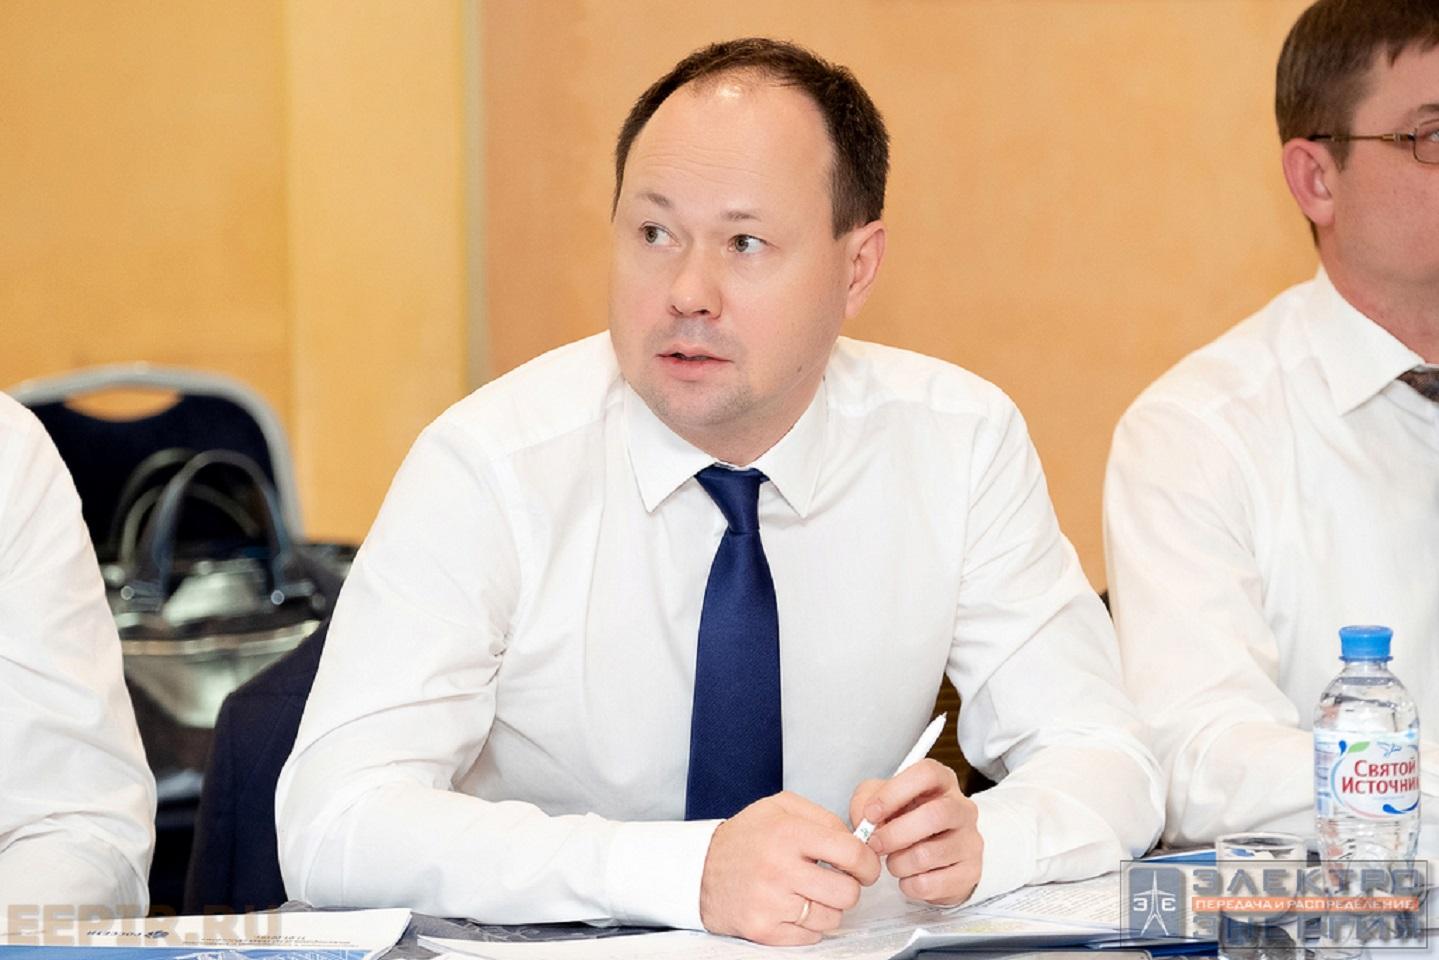 Это триумф! Курганцы возглавляют энергетические компании Москвы и Санкт-Петербурга